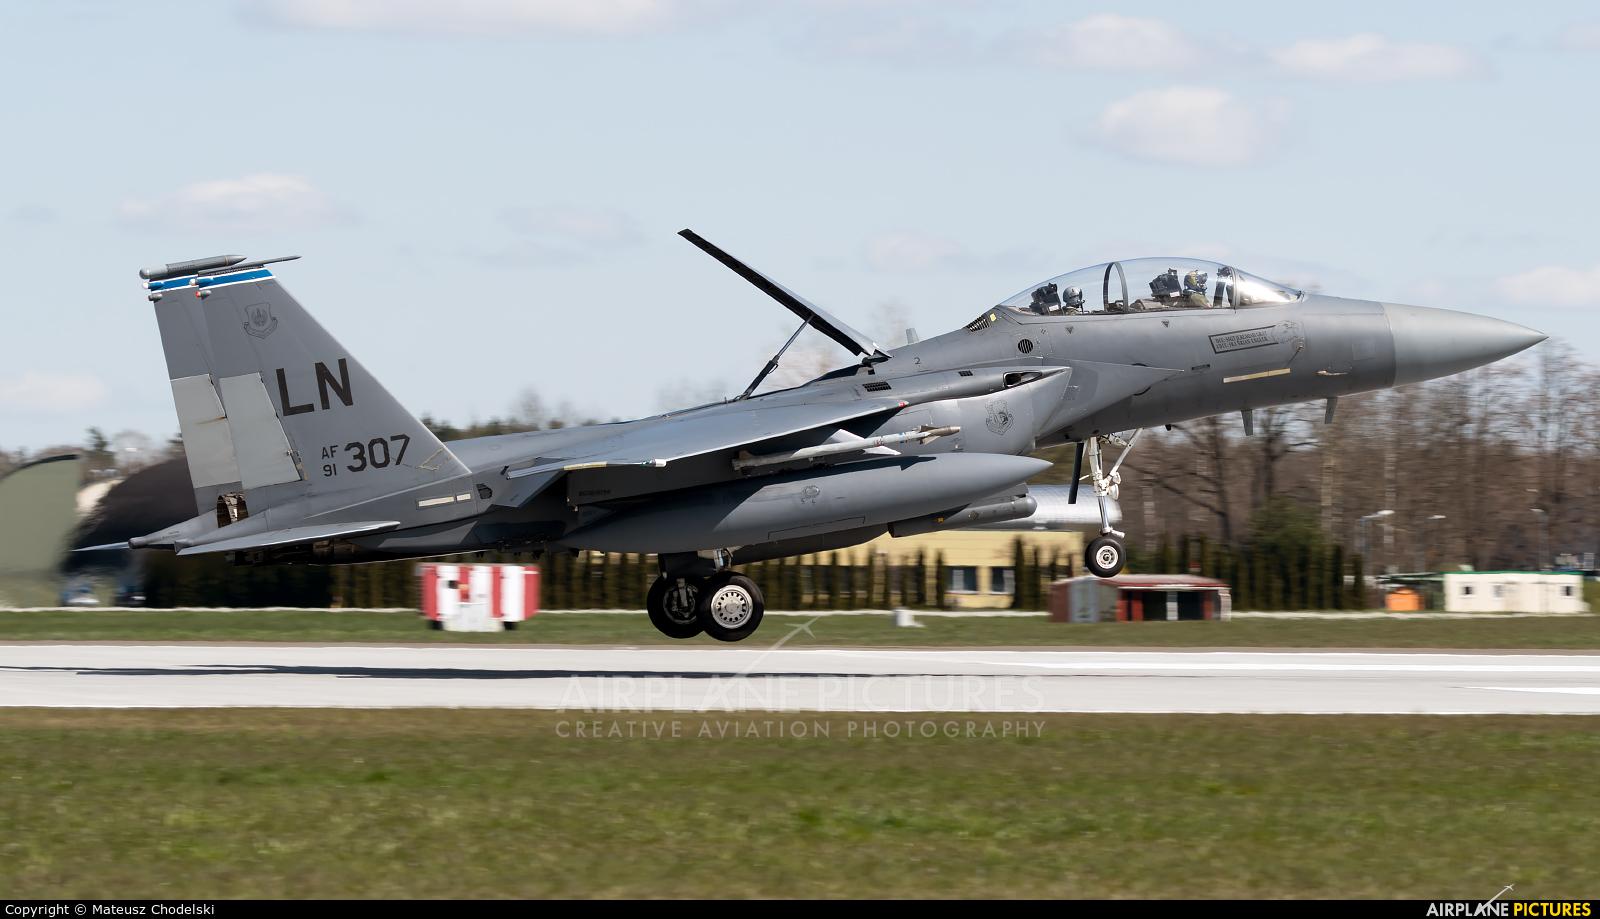 USA - Air Force 91-0307 aircraft at Łask AB